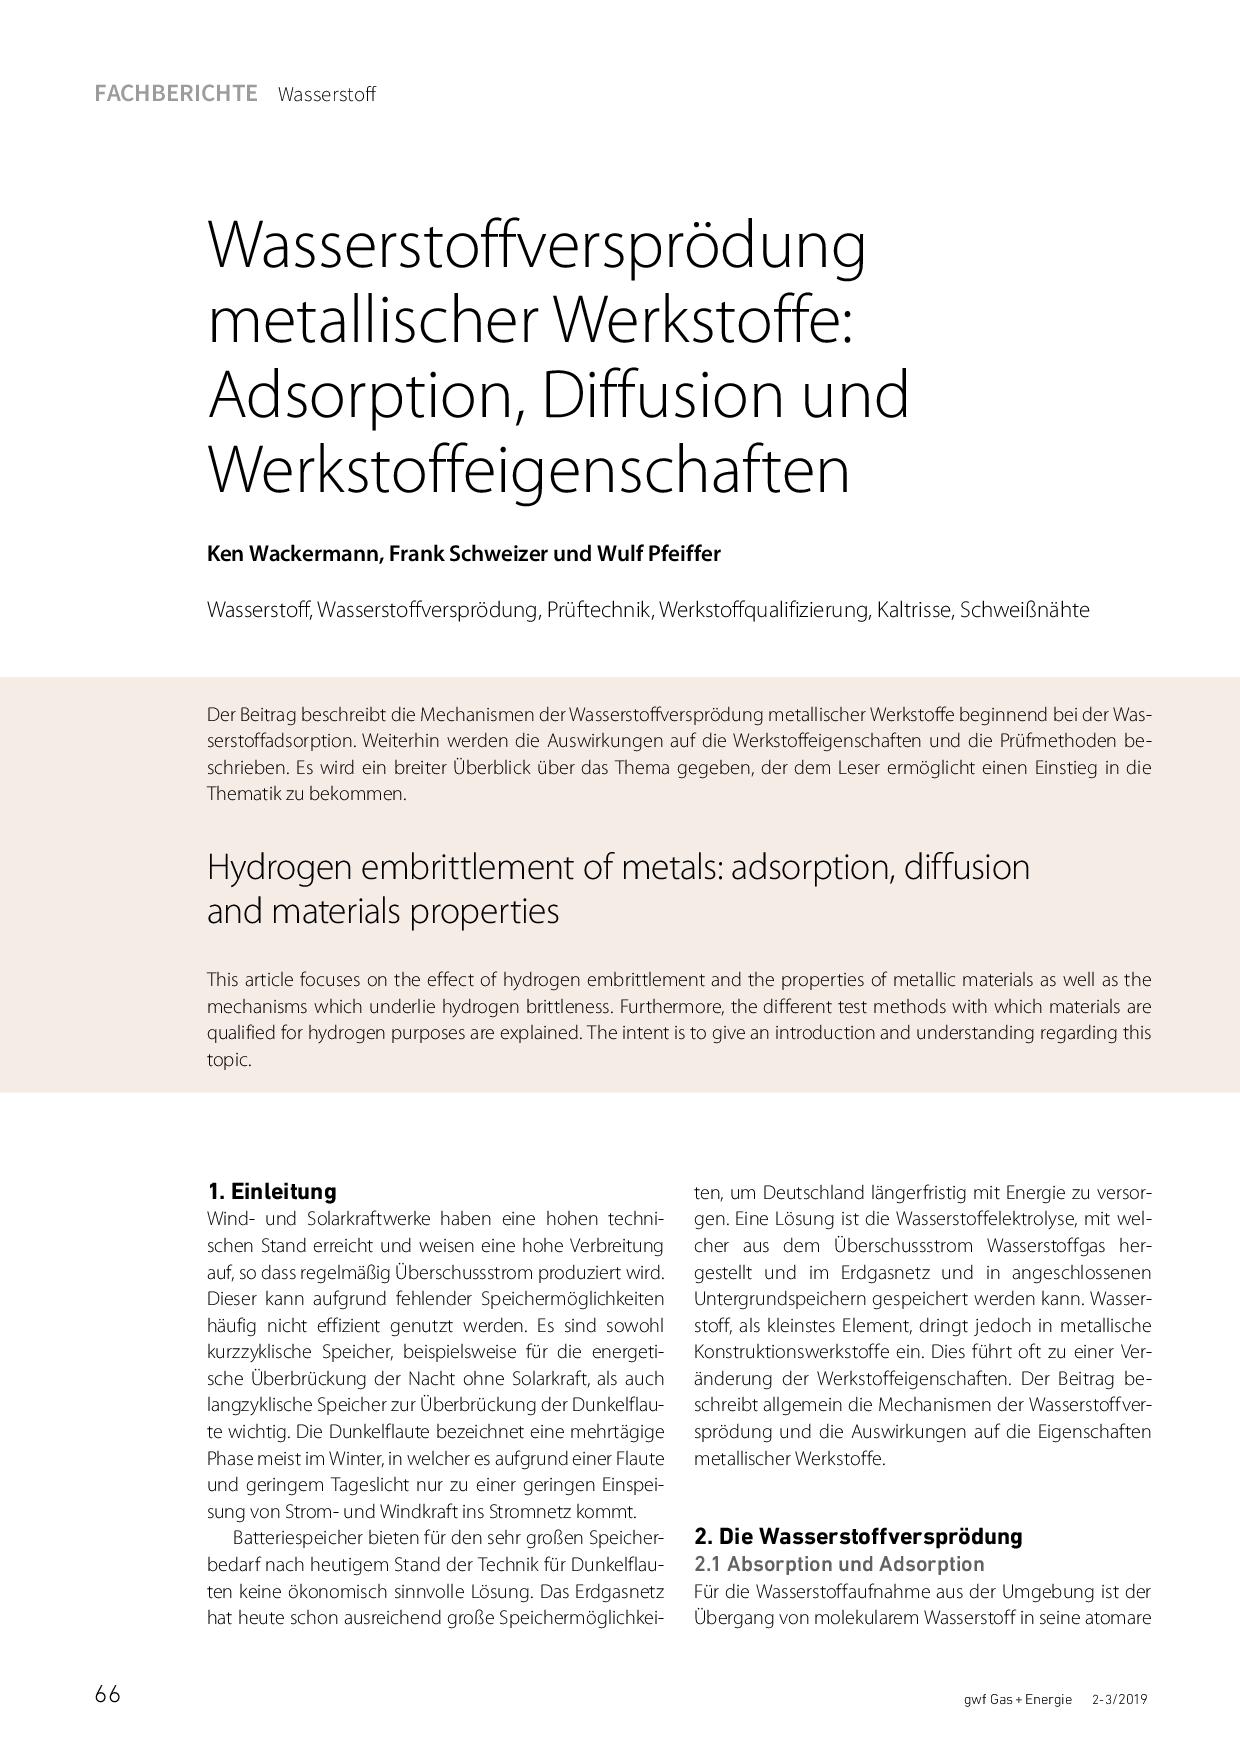 Wasserstoffversprödung metallischer Werkstoffe: Adsorption, Diffusion und Werkstoffeigenschaften